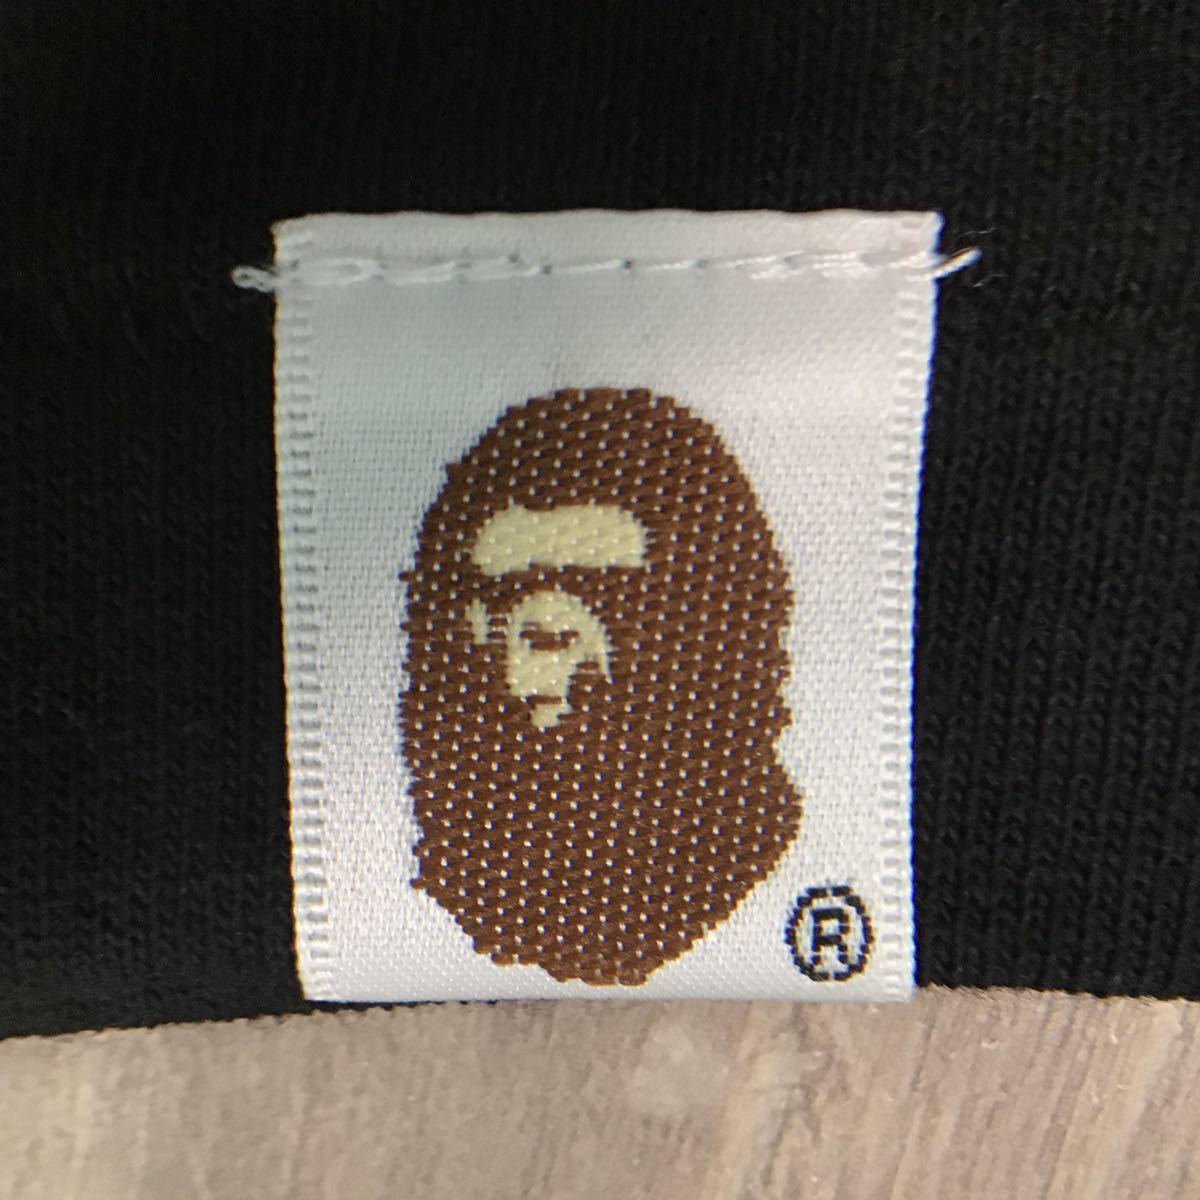 ★新品★ marvel comics × bape Tシャツ レディース Sサイズ a bathing ape Avengers エイプ ベイプ アベイシングエイプ マーベル ladies